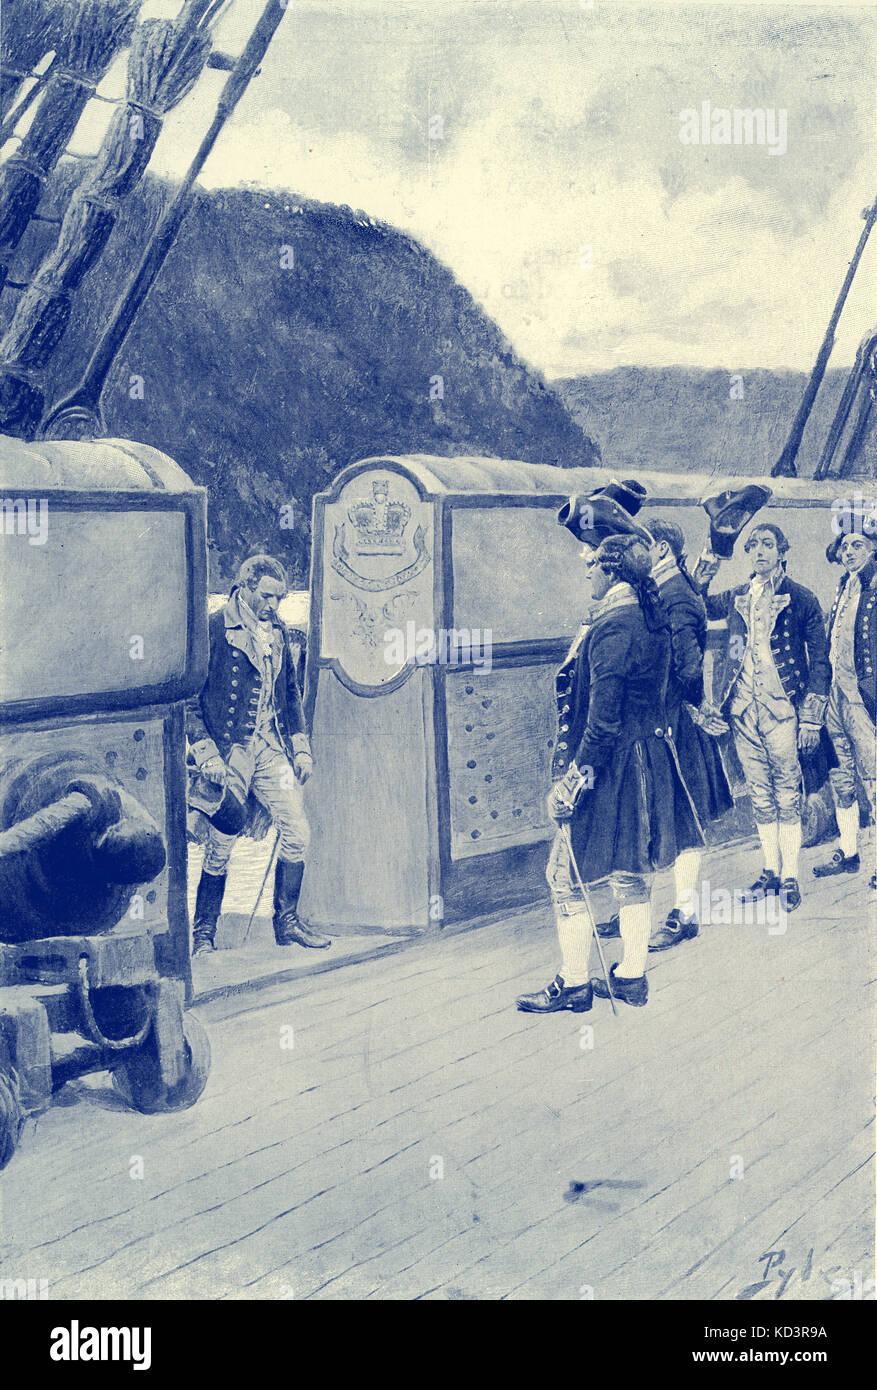 La fuga del generale rivoluzionario americano Benedict Arnold (1741 - 1801) sulla nave britannica Vulture, 1780, dopo aver sfidato gli inglesi. Rivoluzione americana. Illustrazione di Howard Pyle, 1896 Foto Stock